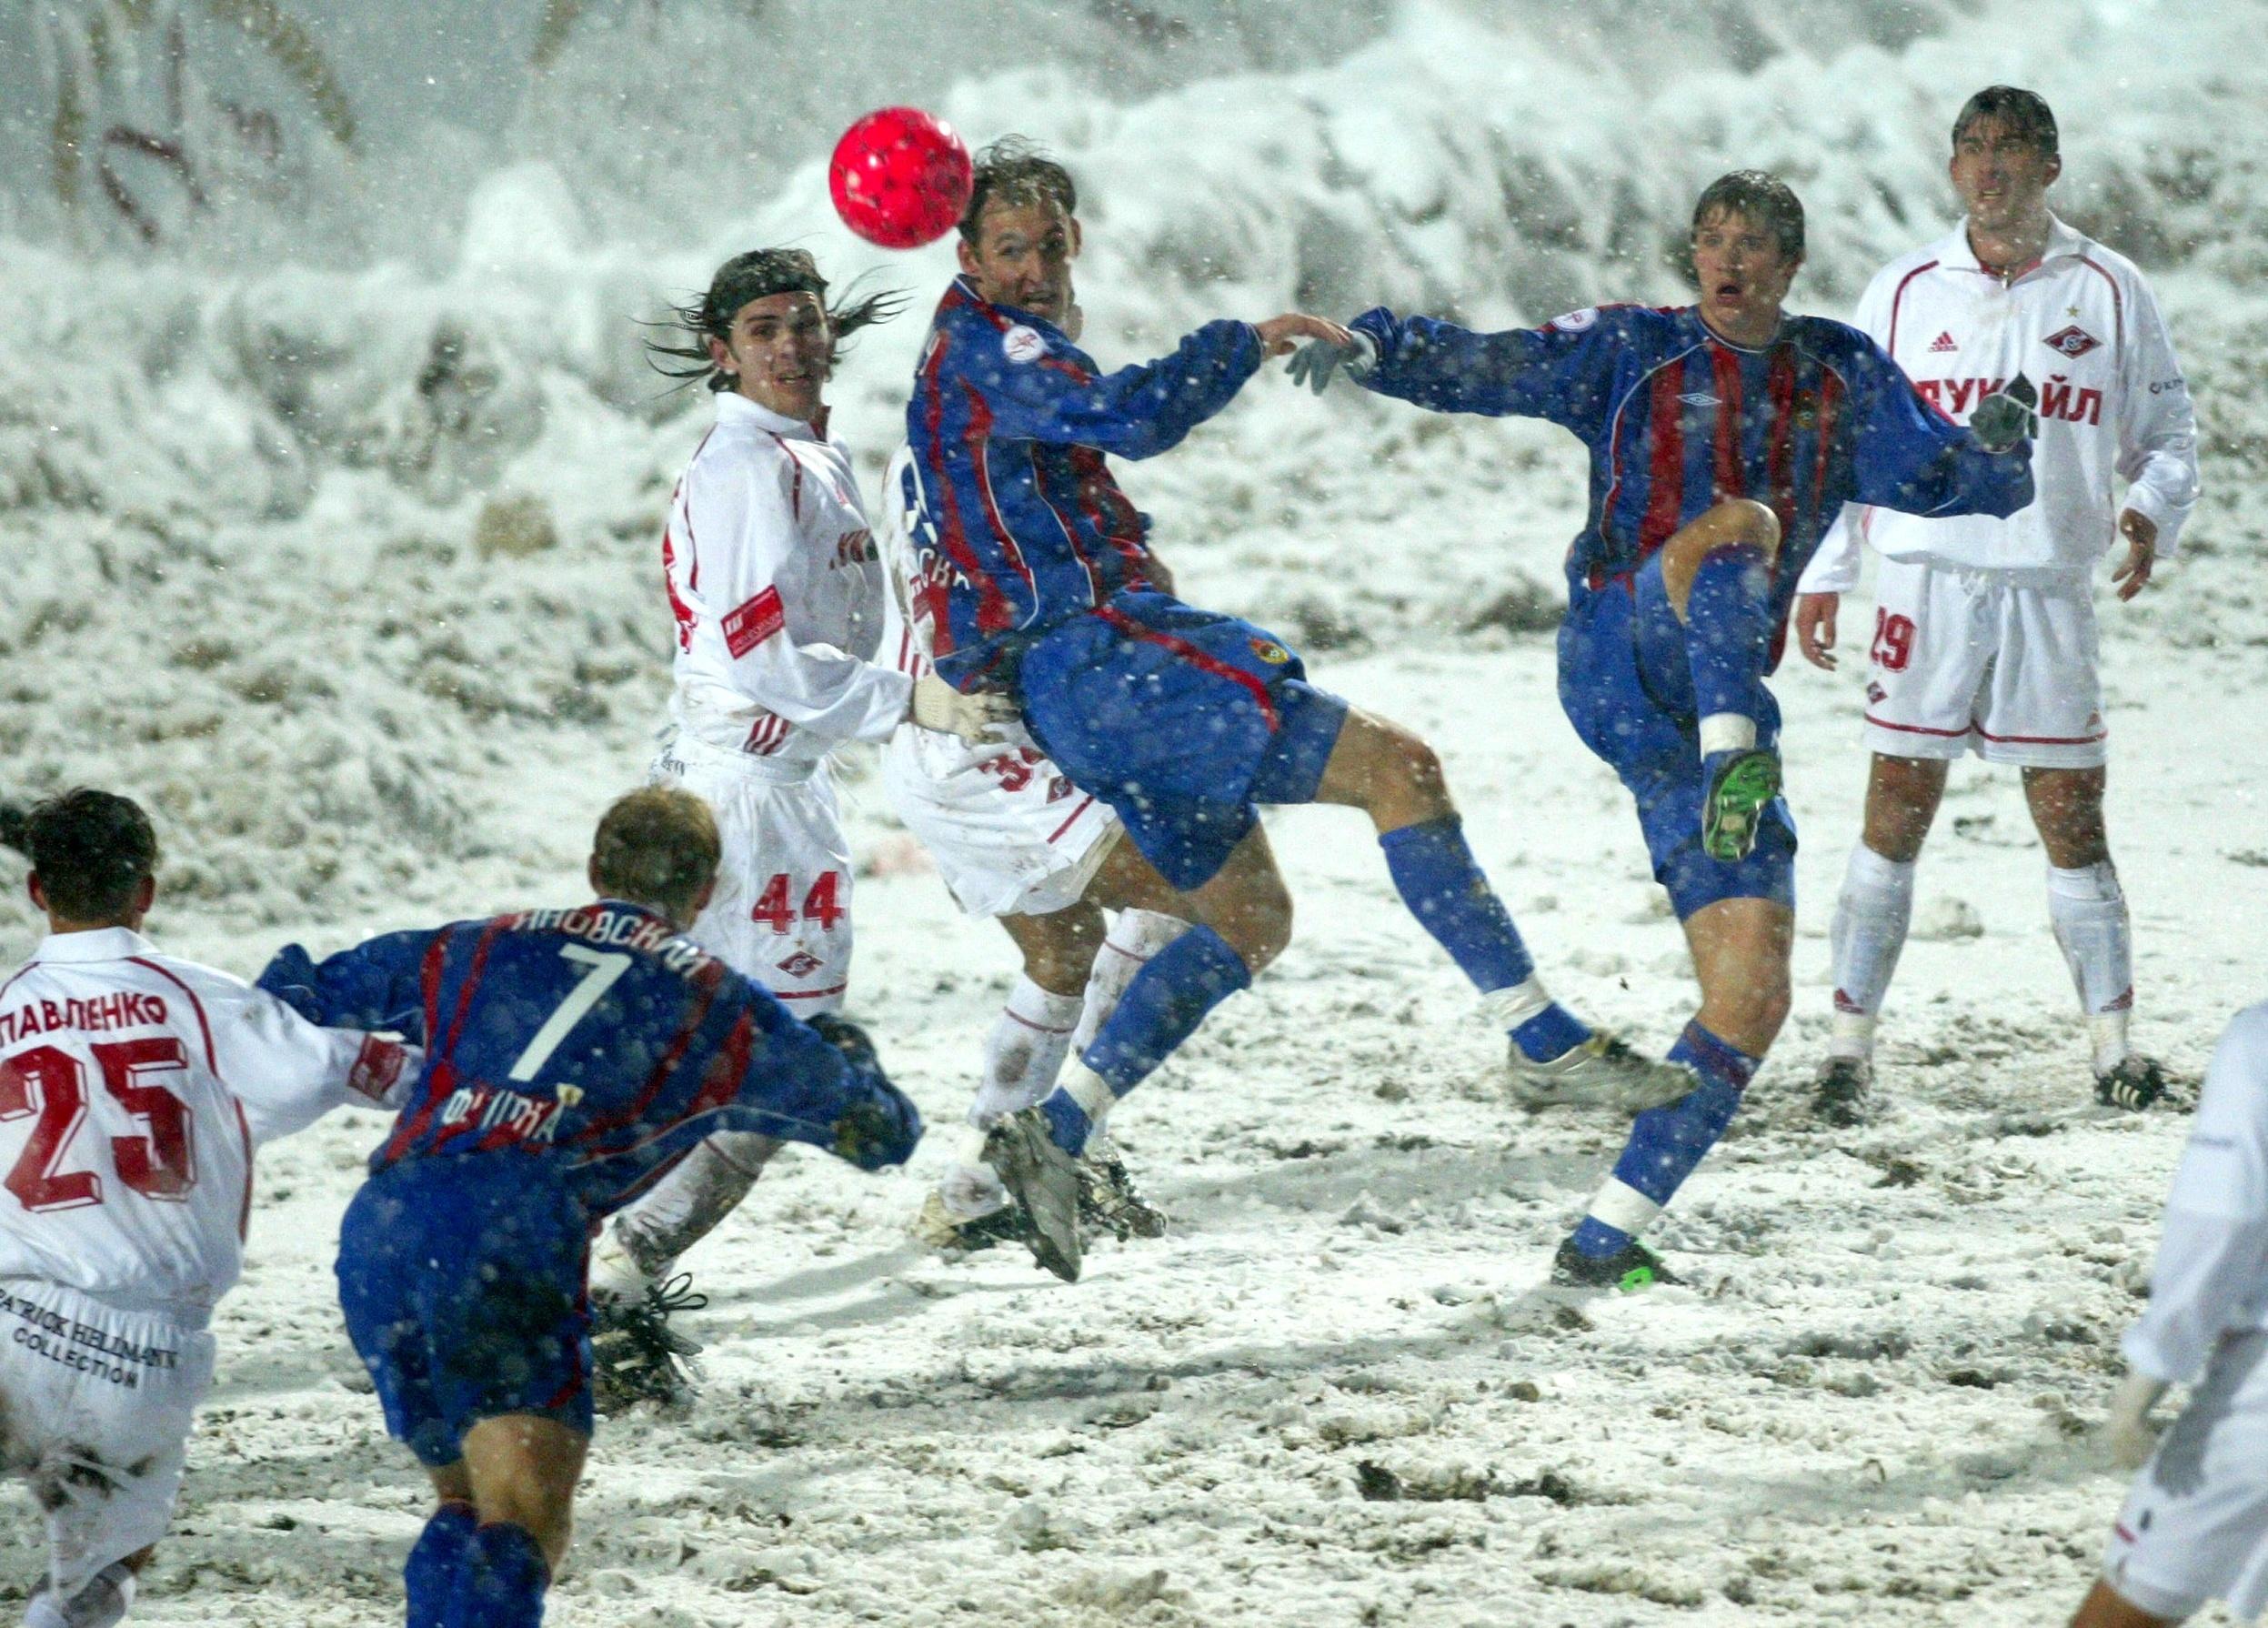 цска спартак 2002 снежное дерби